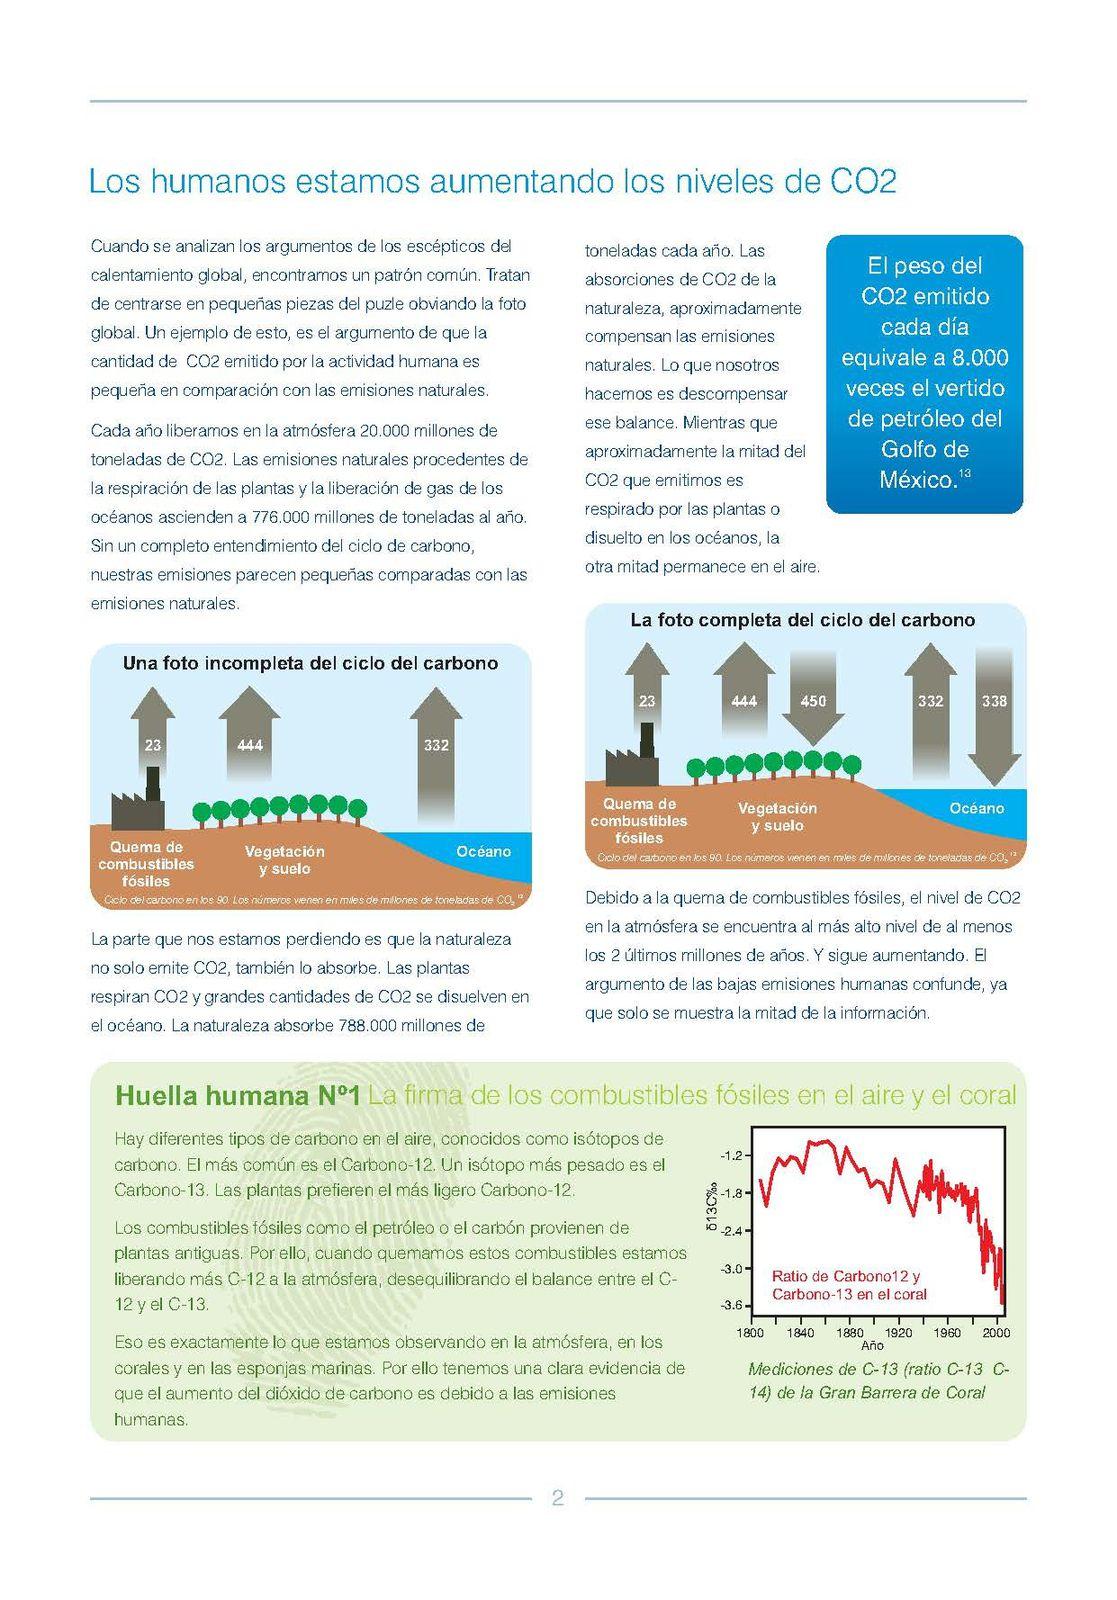 Guia cientifica contra el escepticismo climatico Página 04